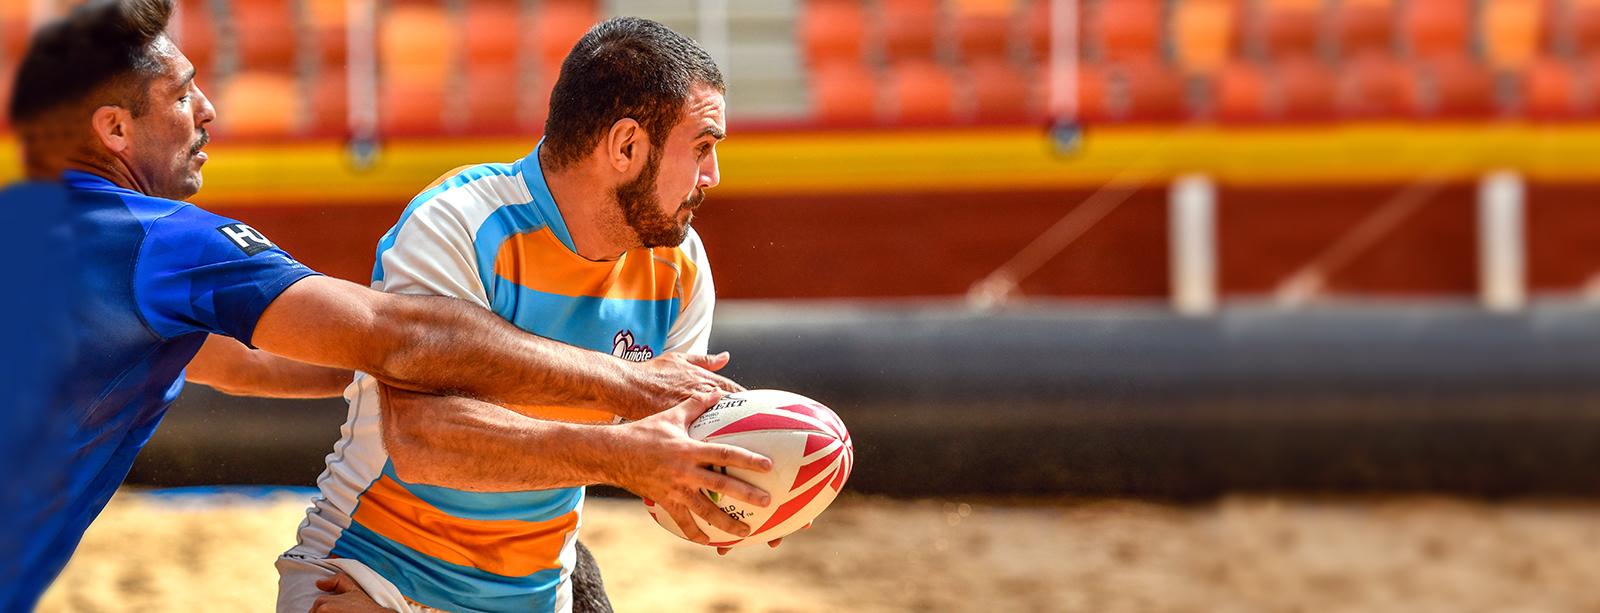 Espectacular inicio de las series de Rugby Playa 5 en la Plaza de Toros de Illescas